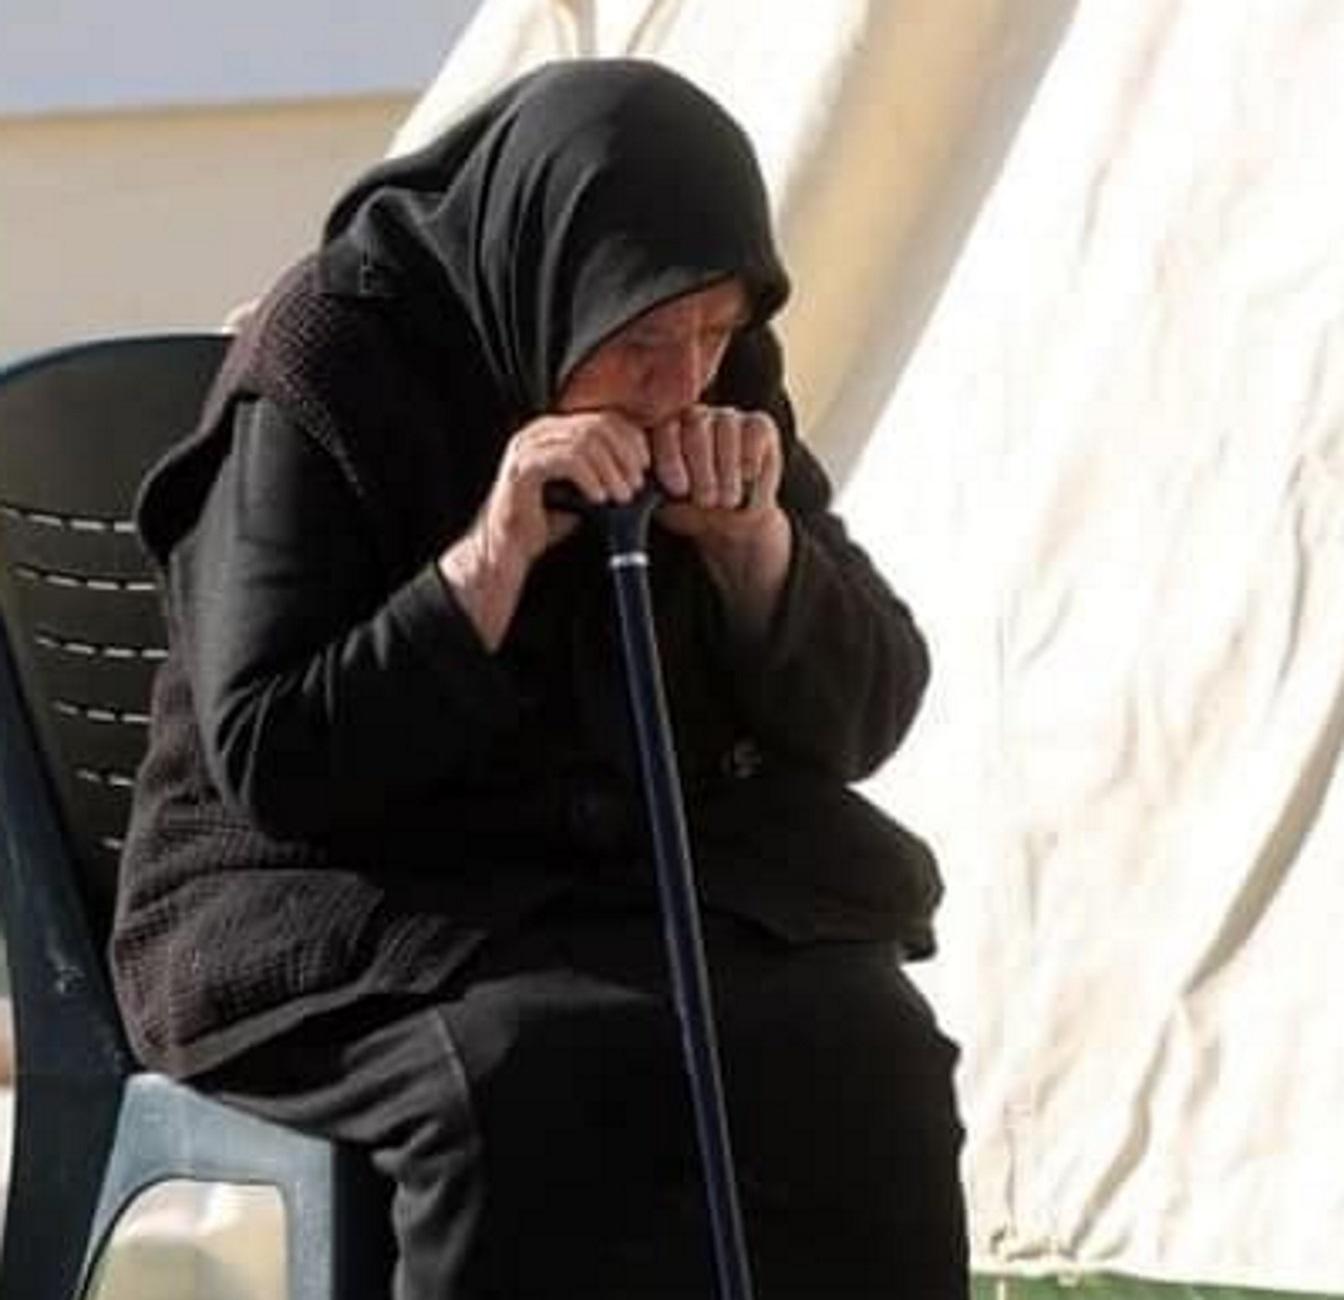 Σεισμός στην Κρήτη: Αυτή είναι η νέα τραγική πραγματικότητα της σούπερ γιαγιάς που έκανε θραύση το 2017